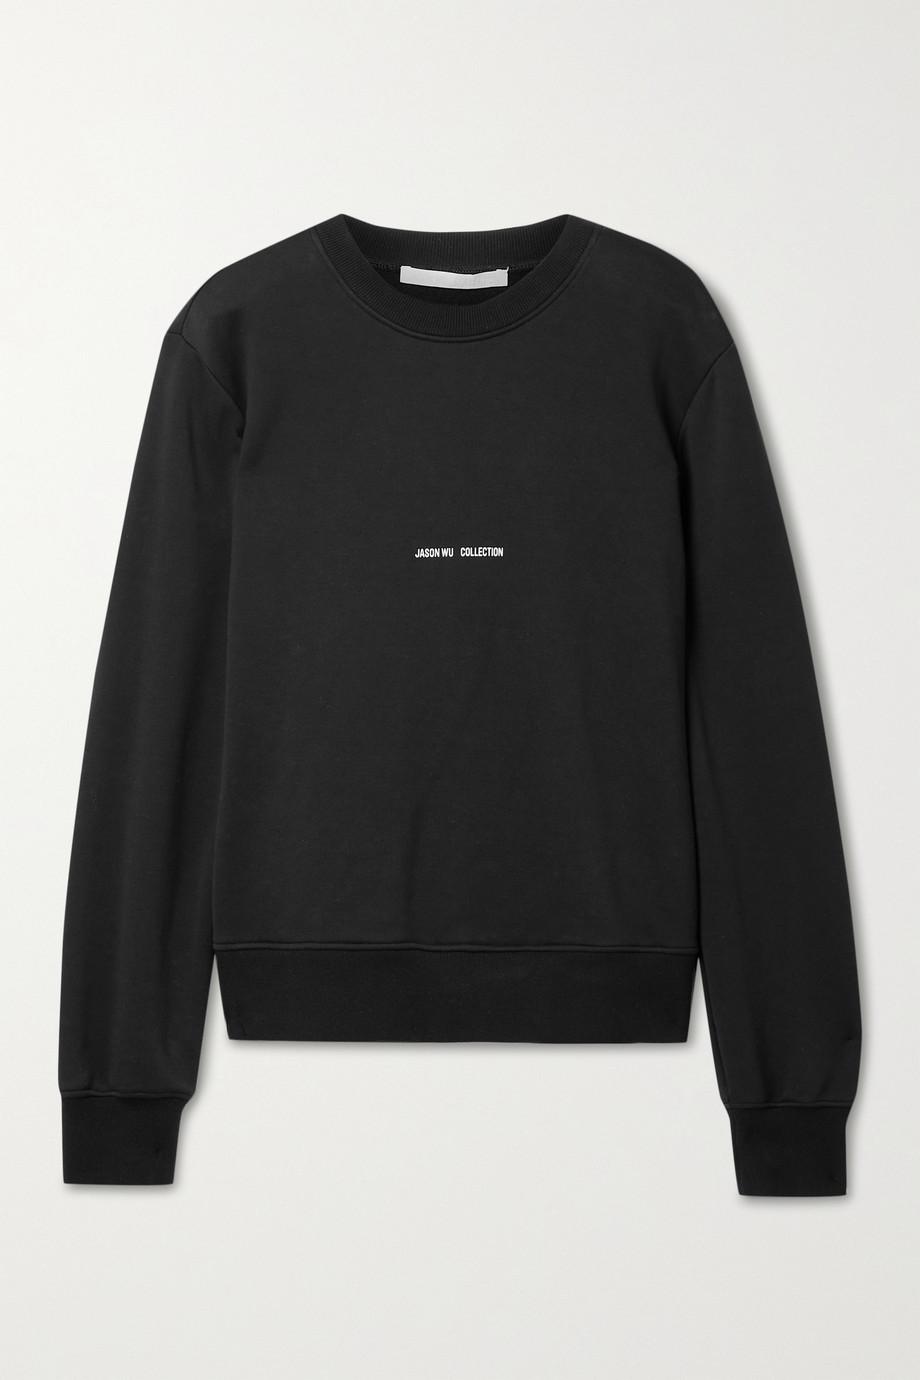 Jason Wu Collection Sweat en jersey de coton mélangé imprimé